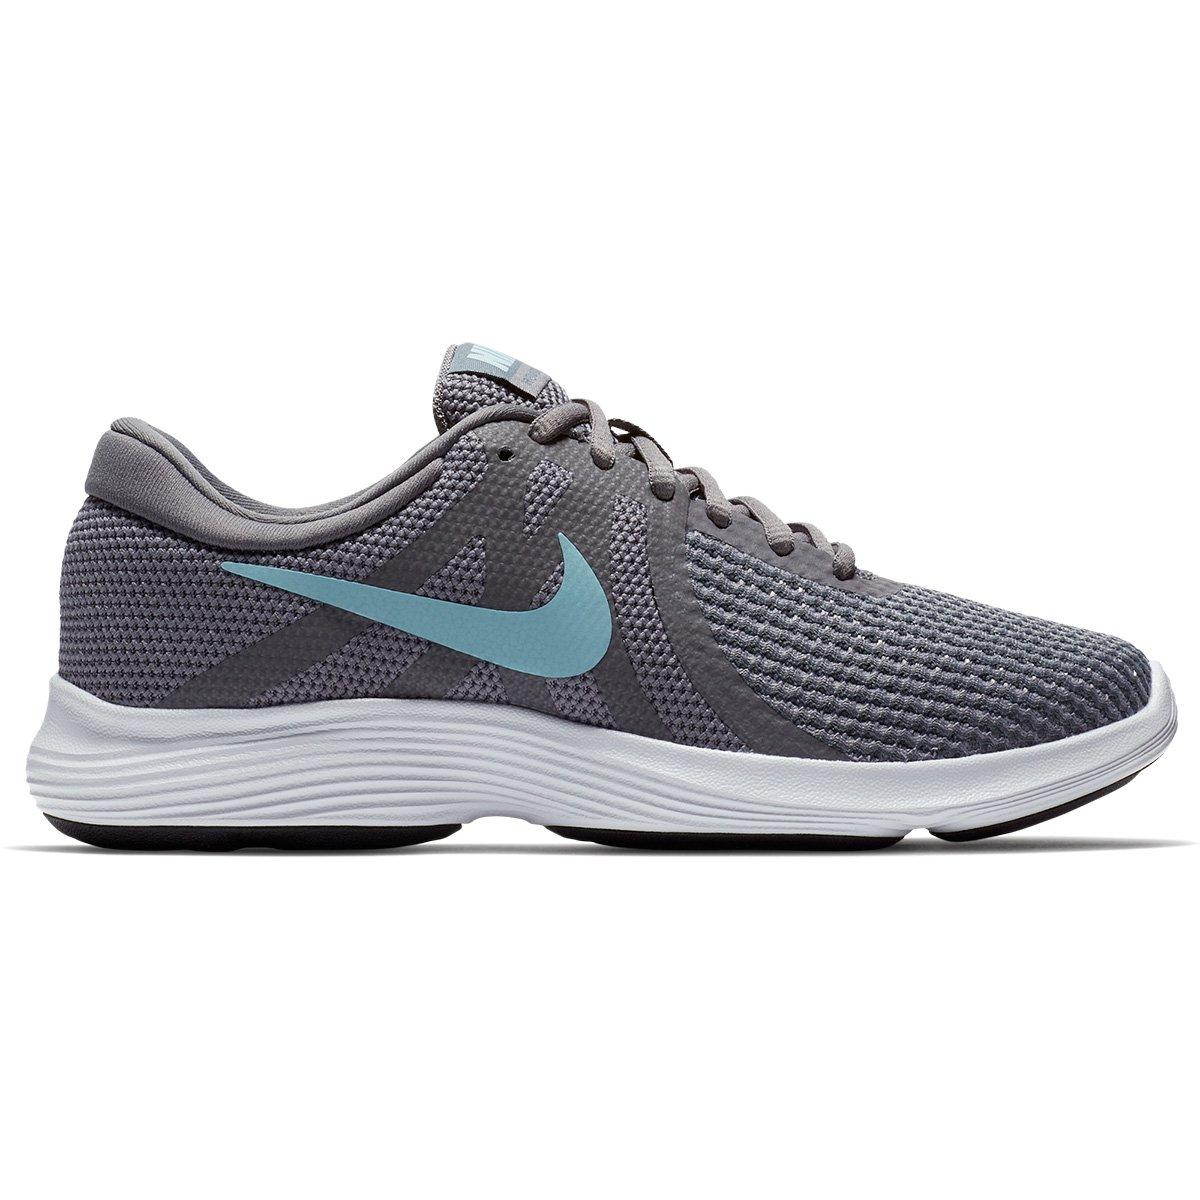 8ce8a283add Tênis Nike Wmns Revolution 4 Feminino - Cinza e Azul - Compre Agora ...